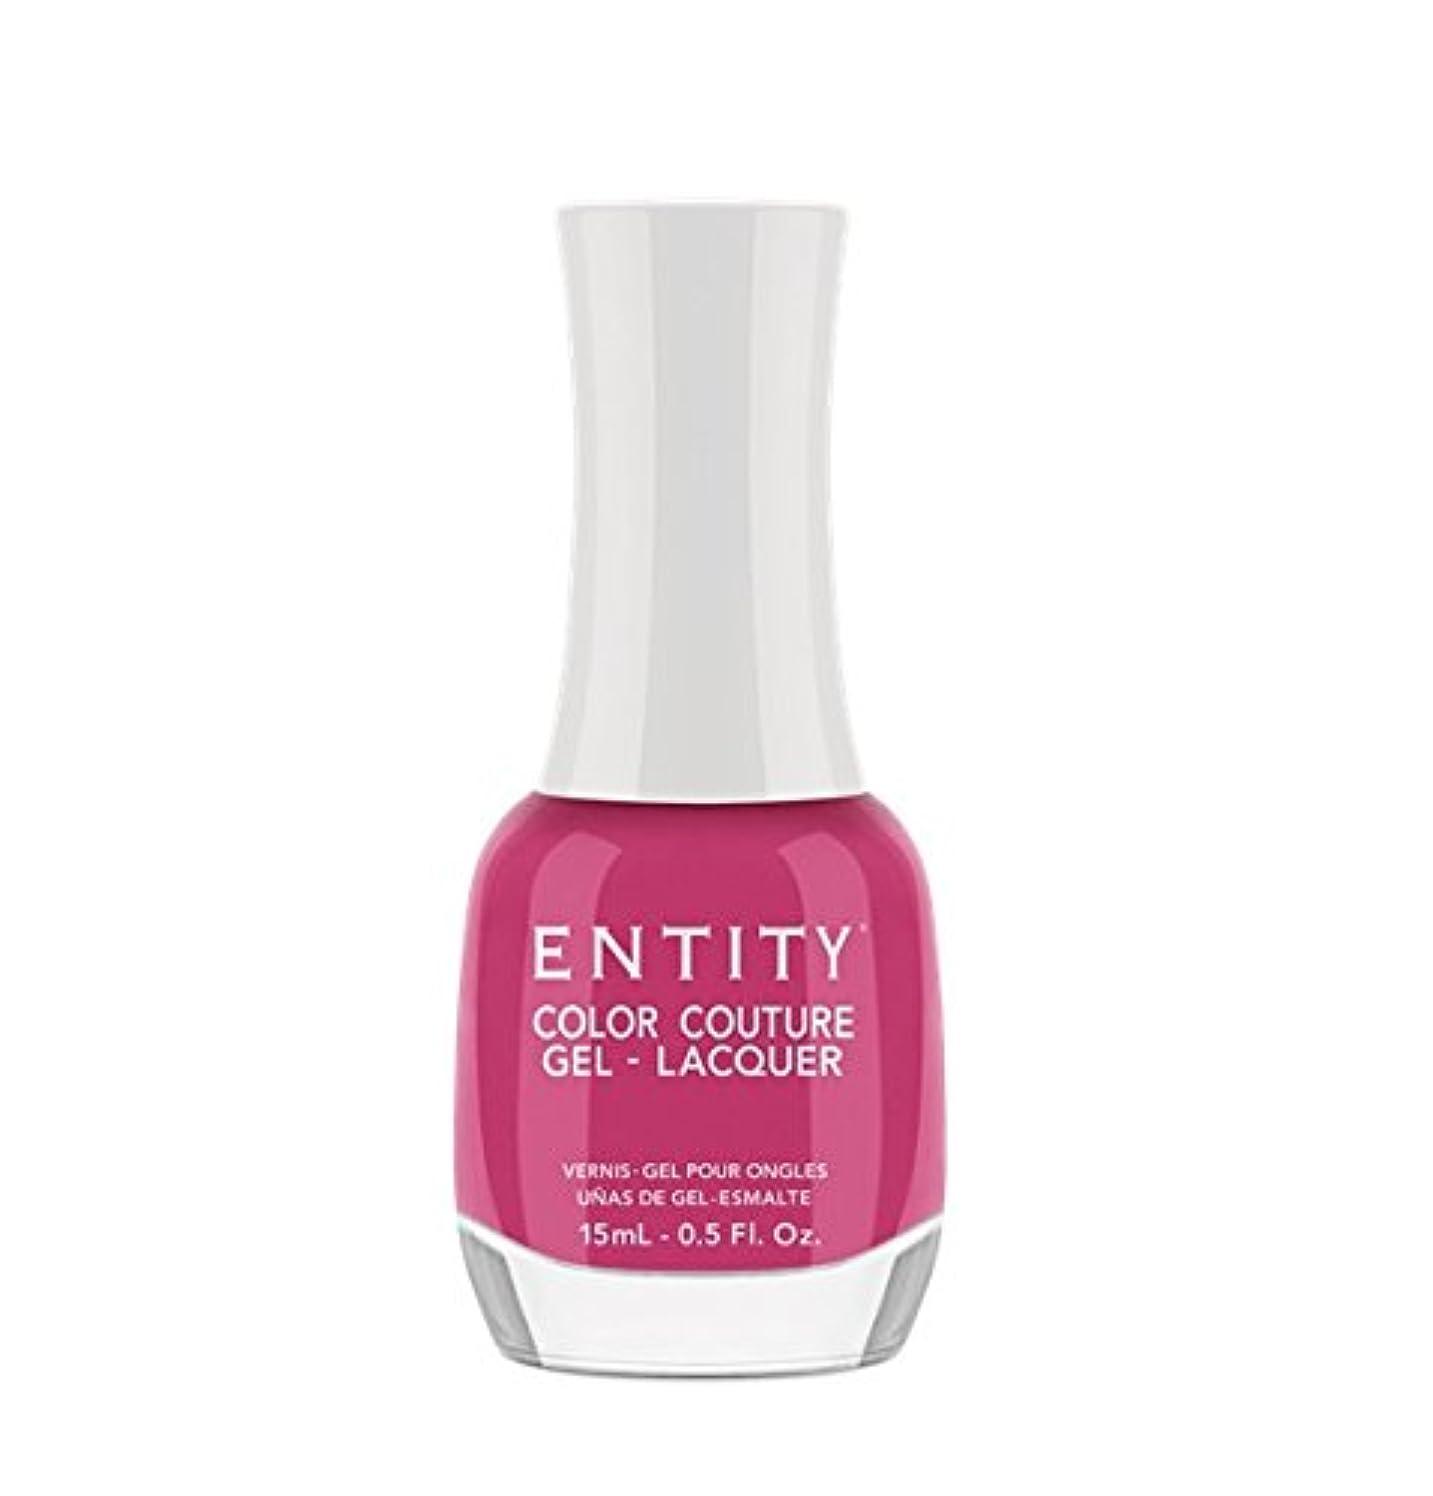 養う利用可能のホストEntity Color Couture Gel-Lacquer - Midriffs & Mini Skirts - 15 ml/0.5 oz